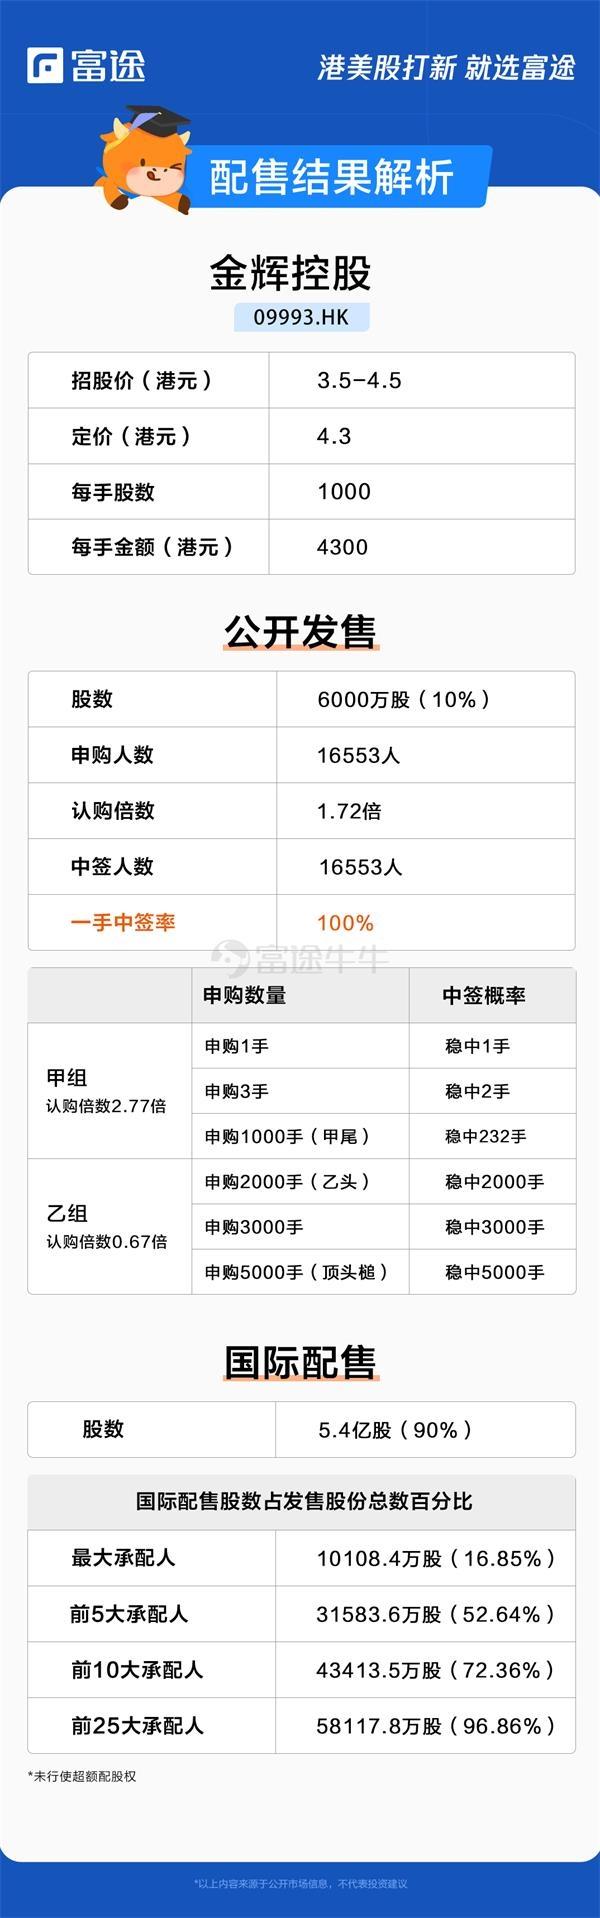 金辉控股获1.72倍认购 每股定价4.3港元